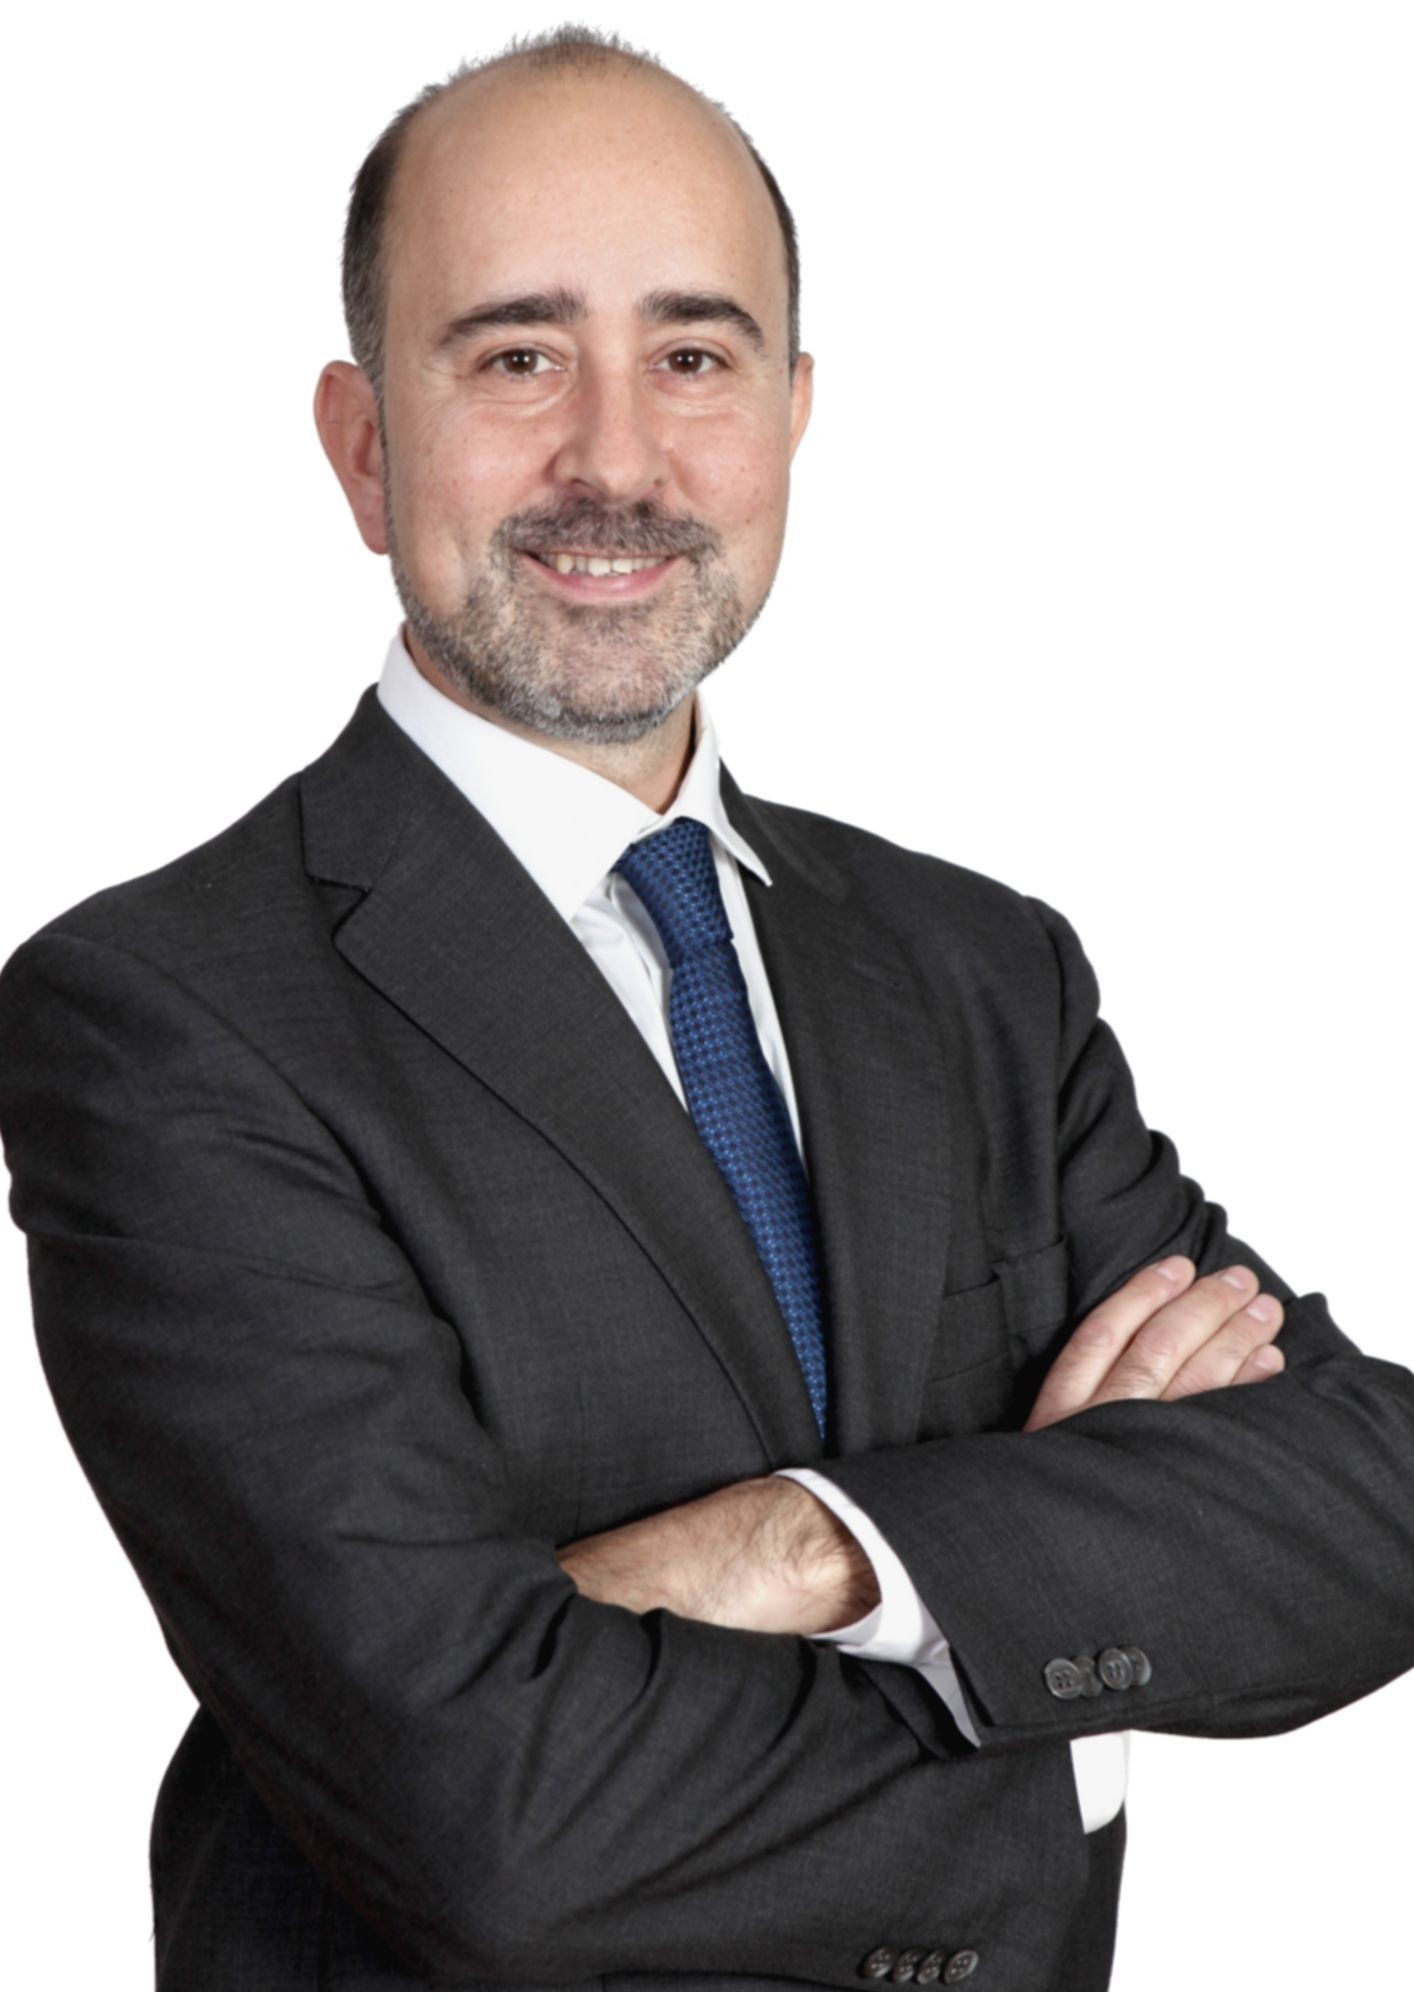 Juan Baldoví Izquierdo